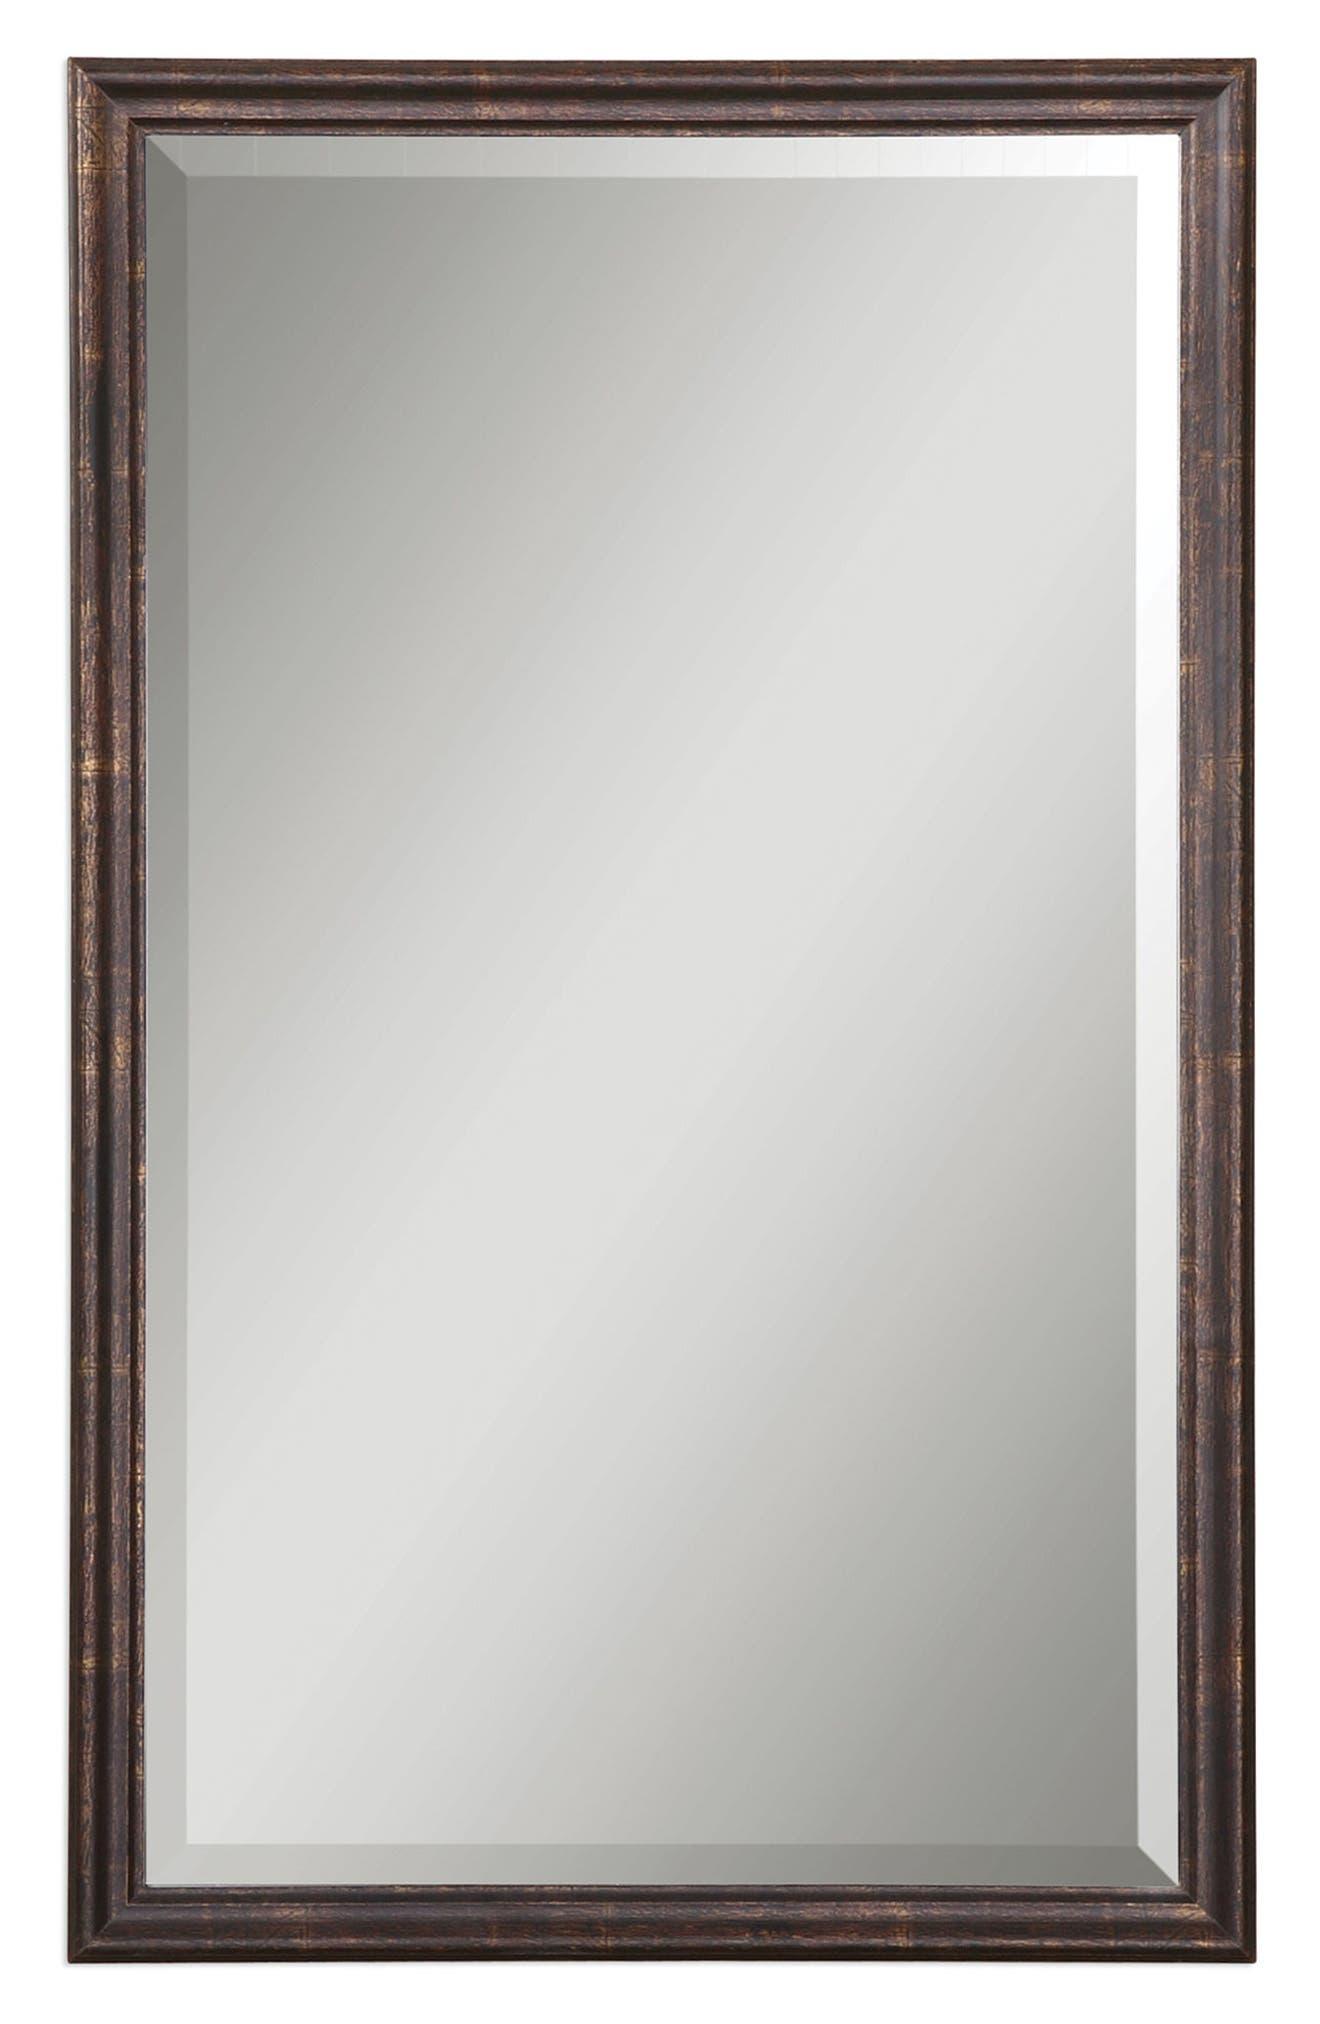 Main Image - Uttermost Renzo Vanity Mirror